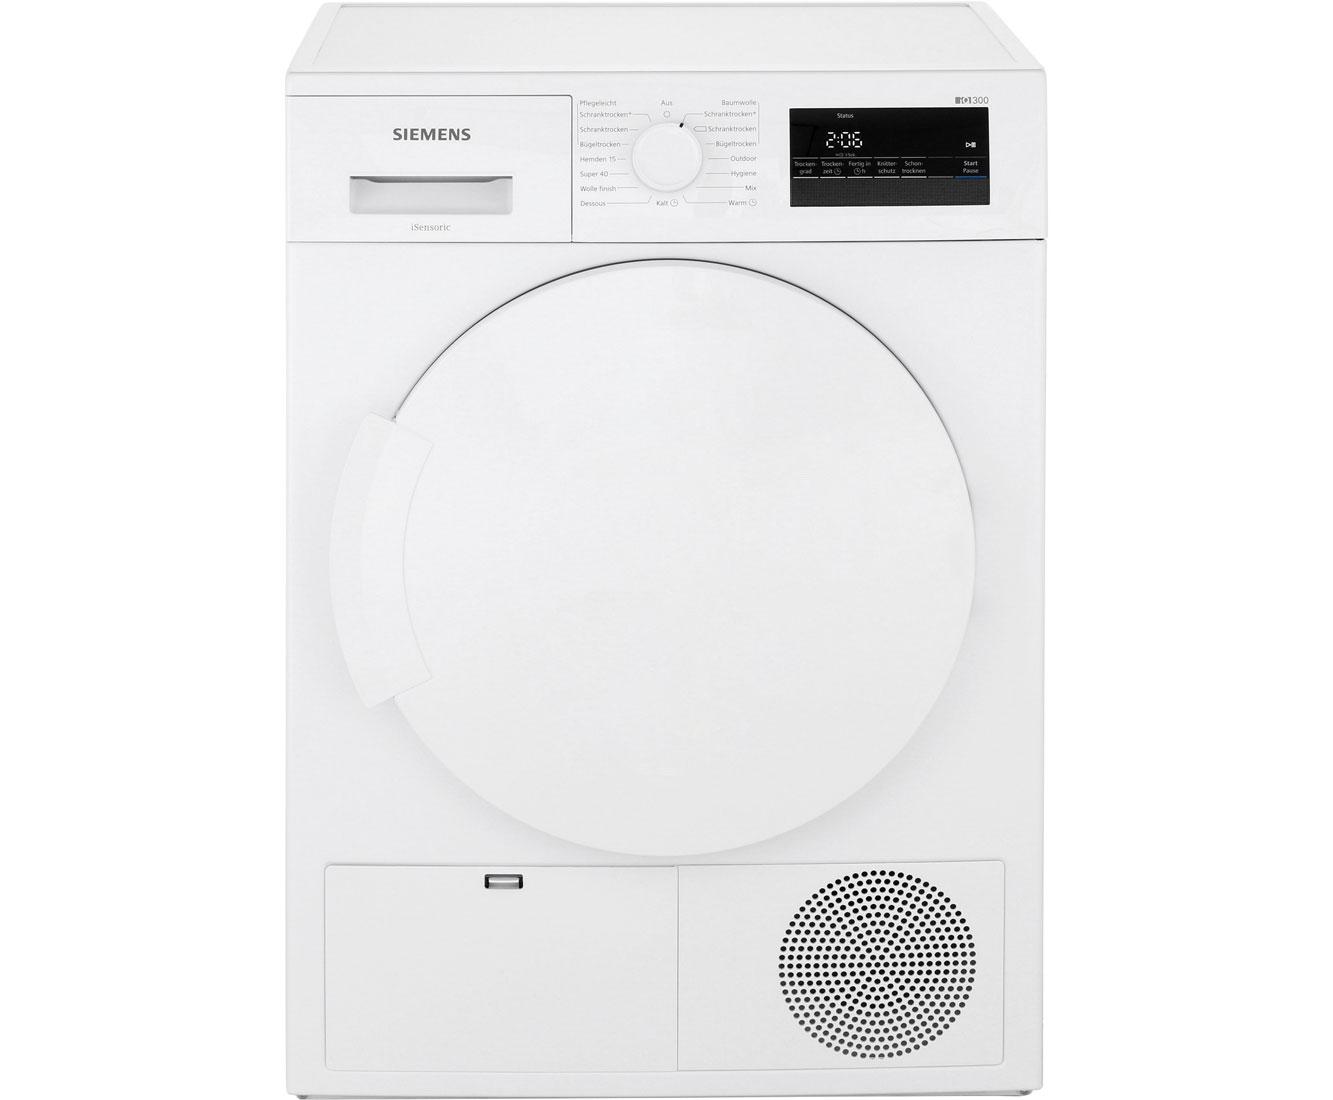 Siemens siwamat plus waschmaschine toplader voll